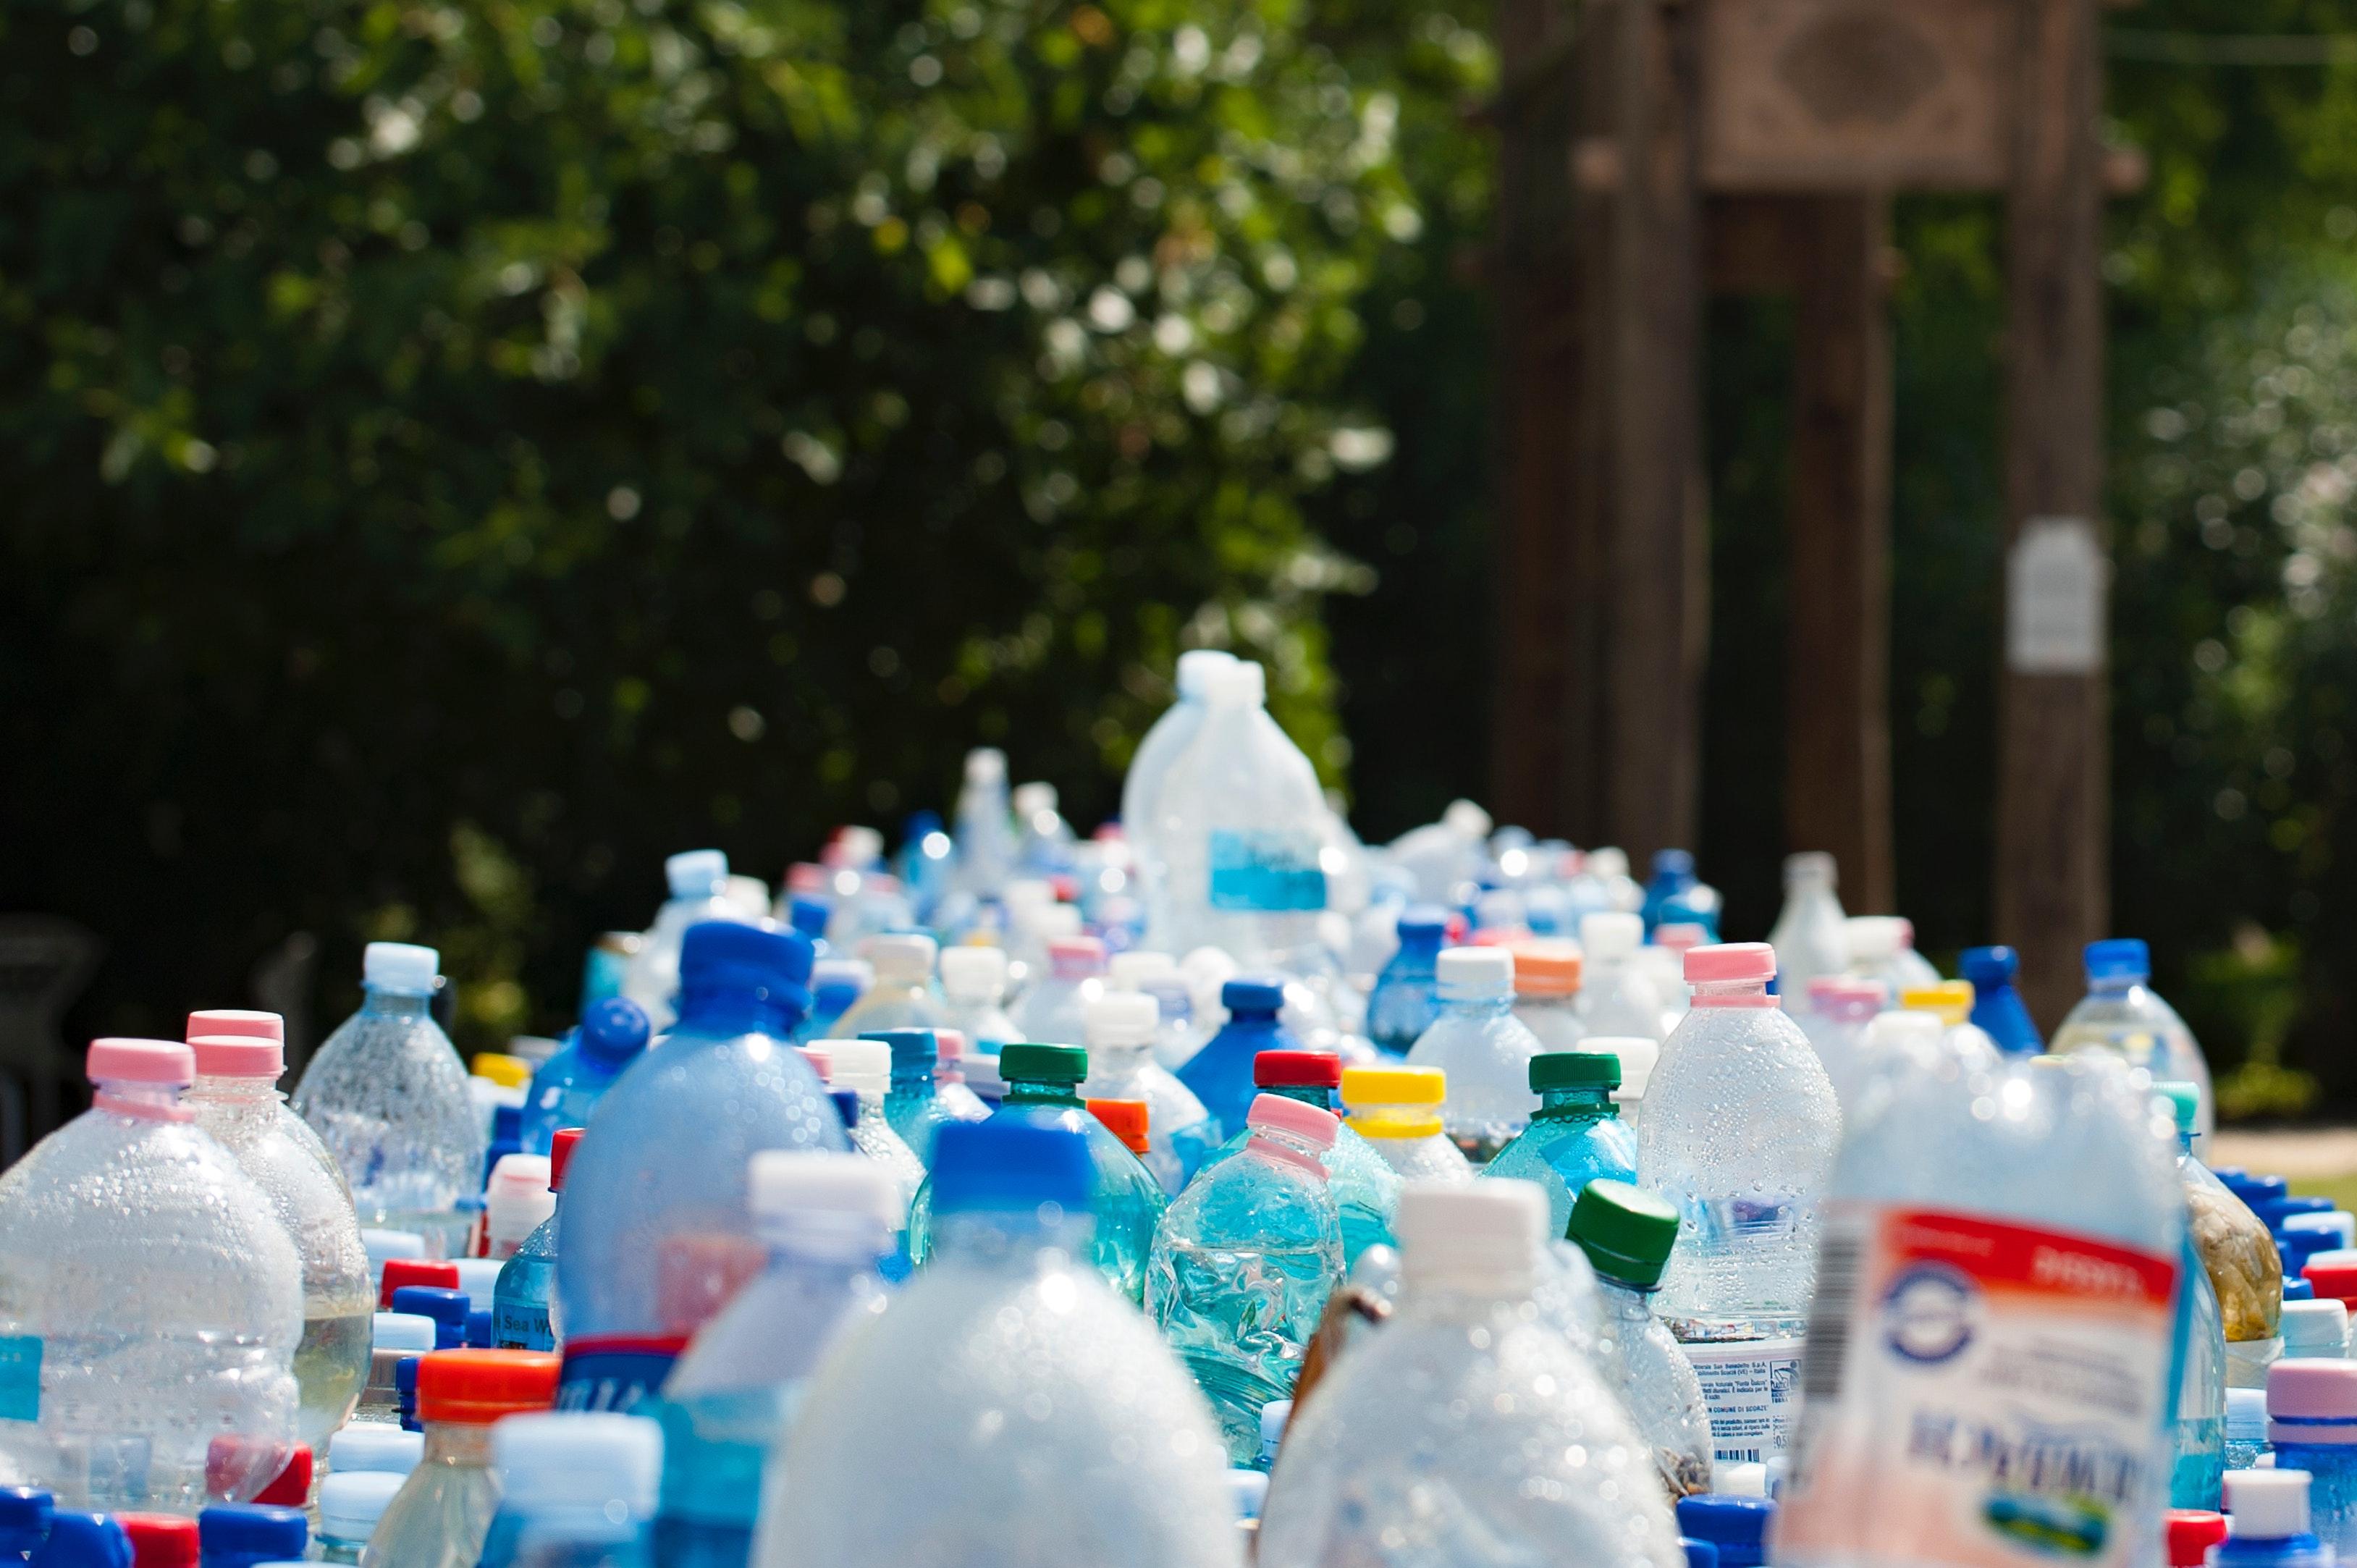 a scene of plastic bottles